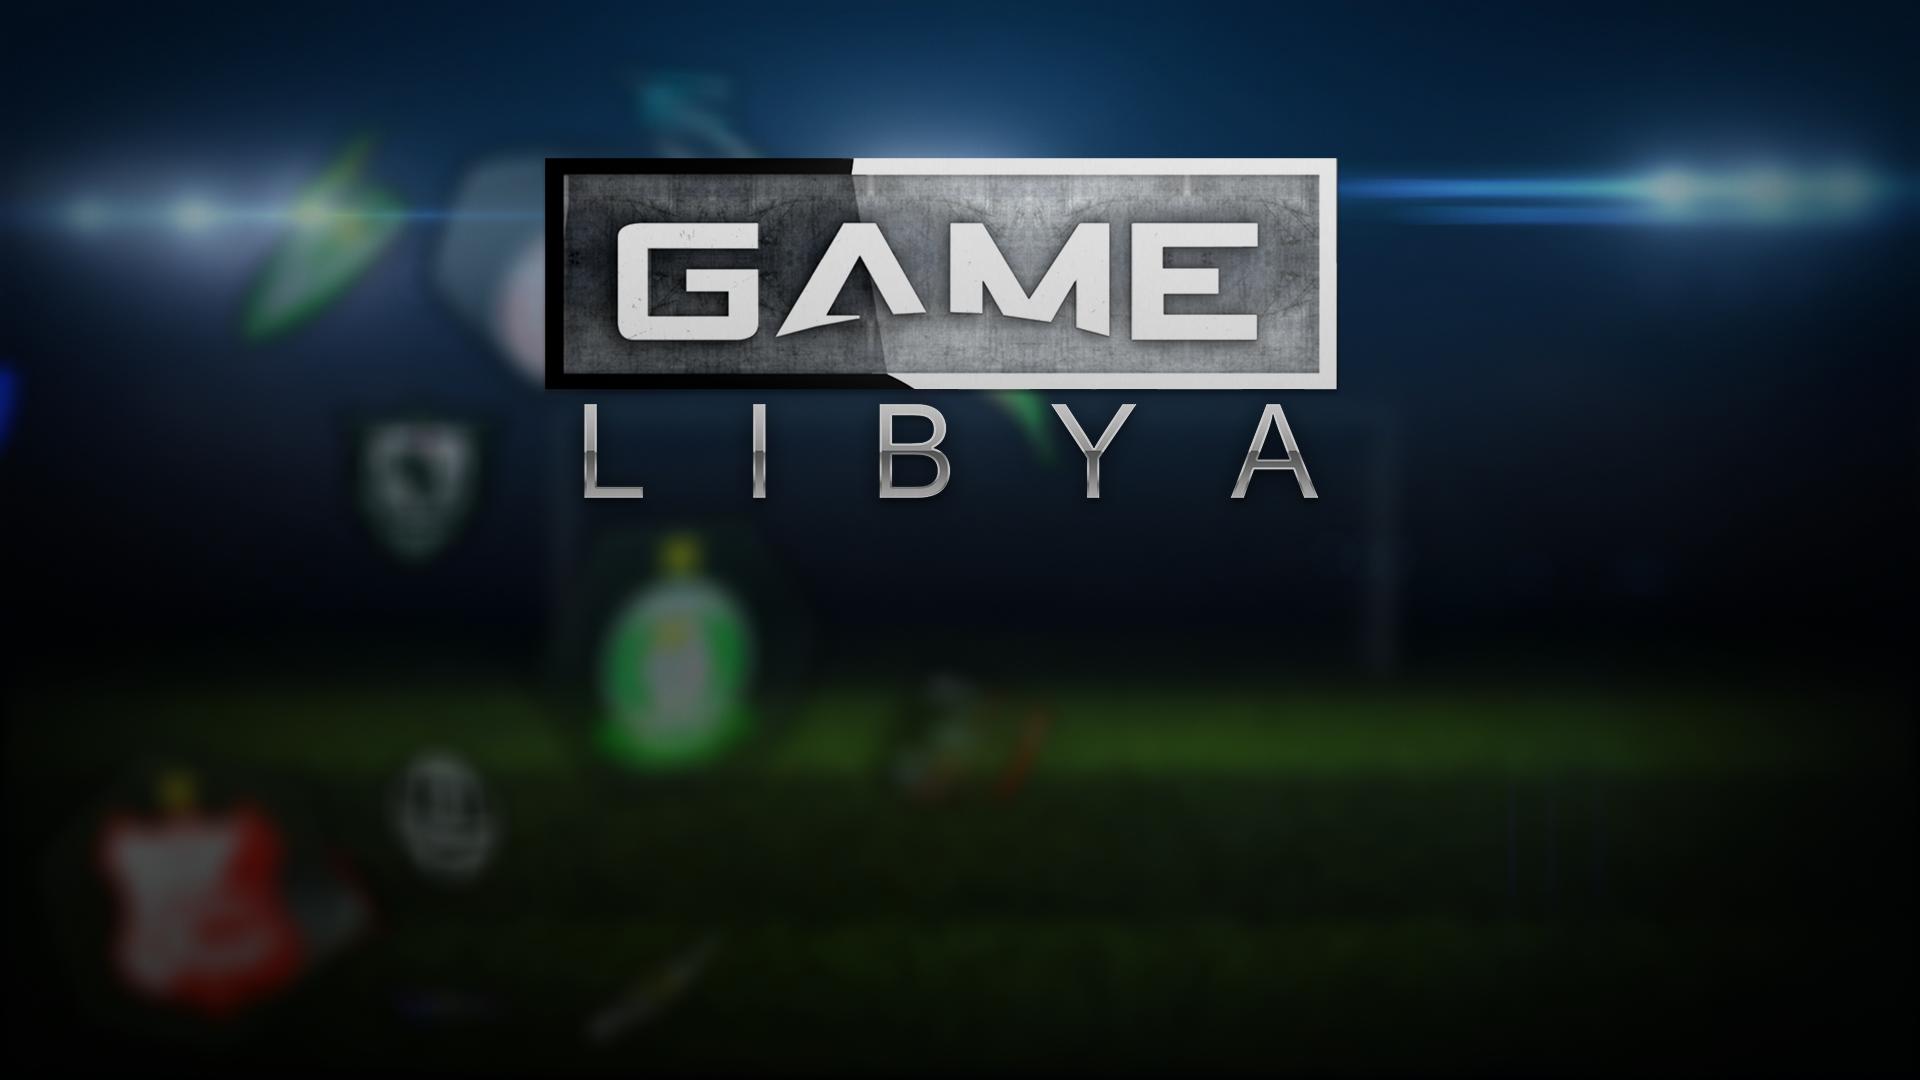 برنامج جيم ليبيا